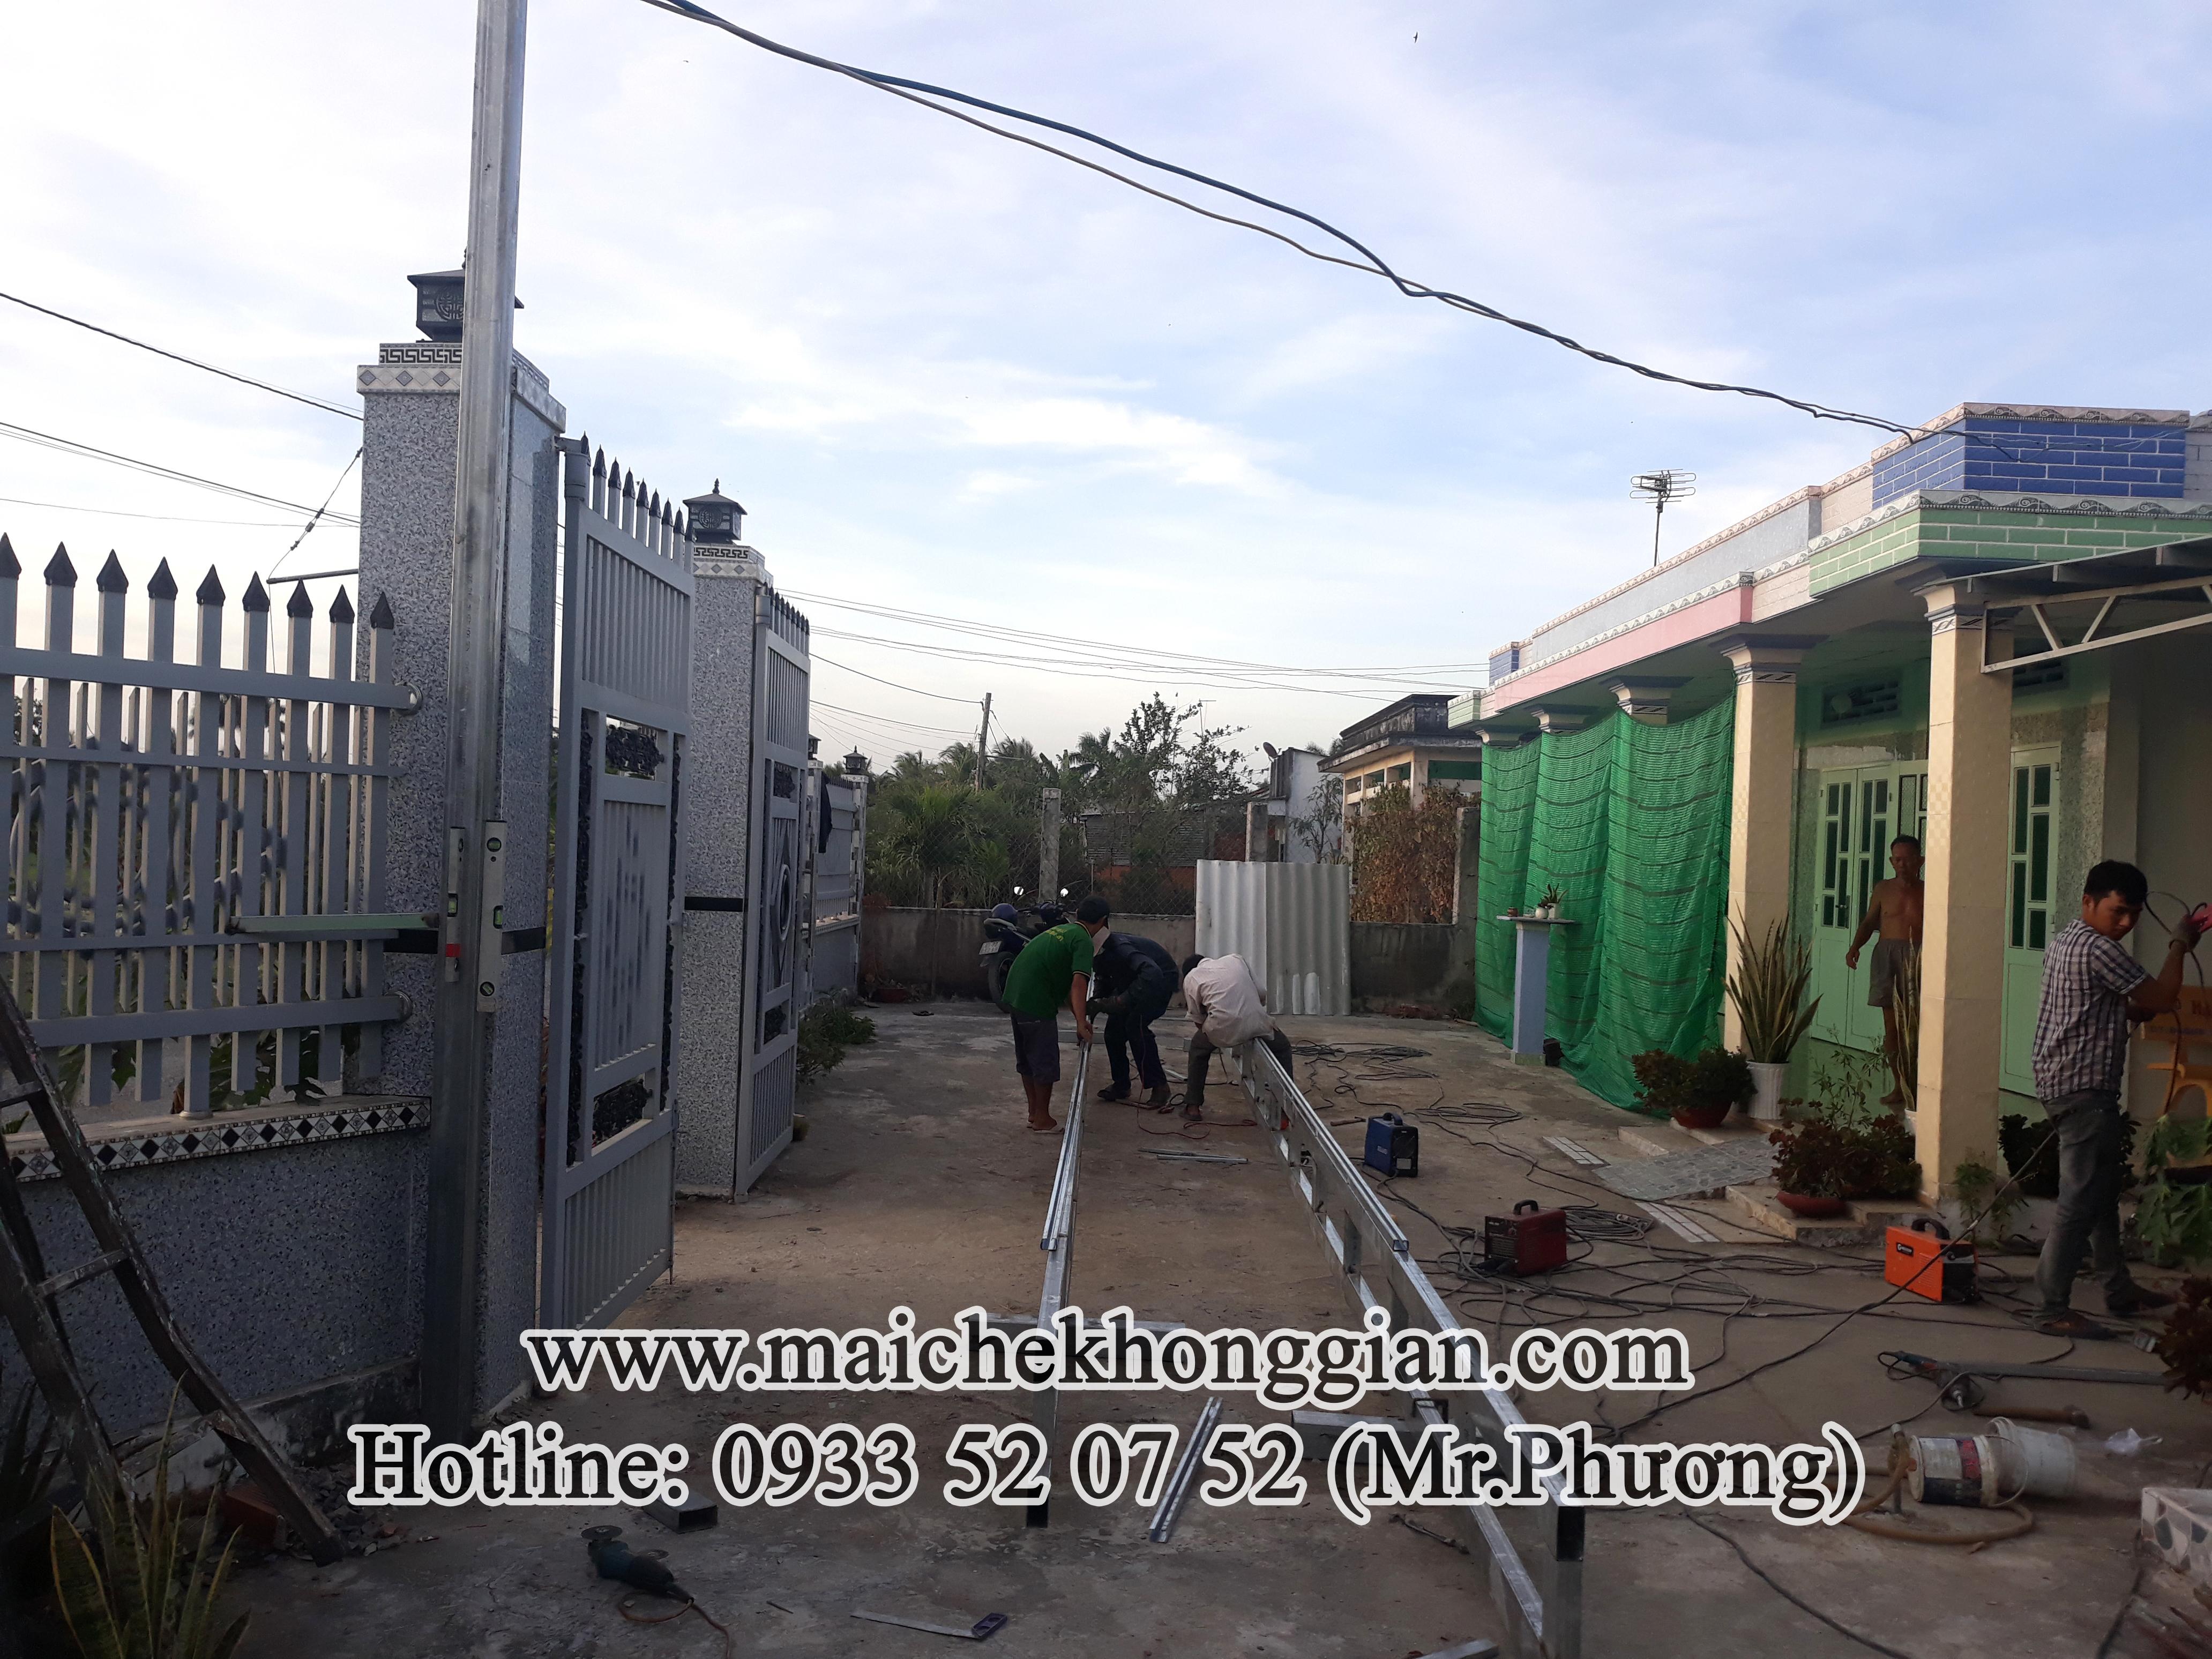 Thay bạt mái che Thành phố Vị Thanh Hậu Giang